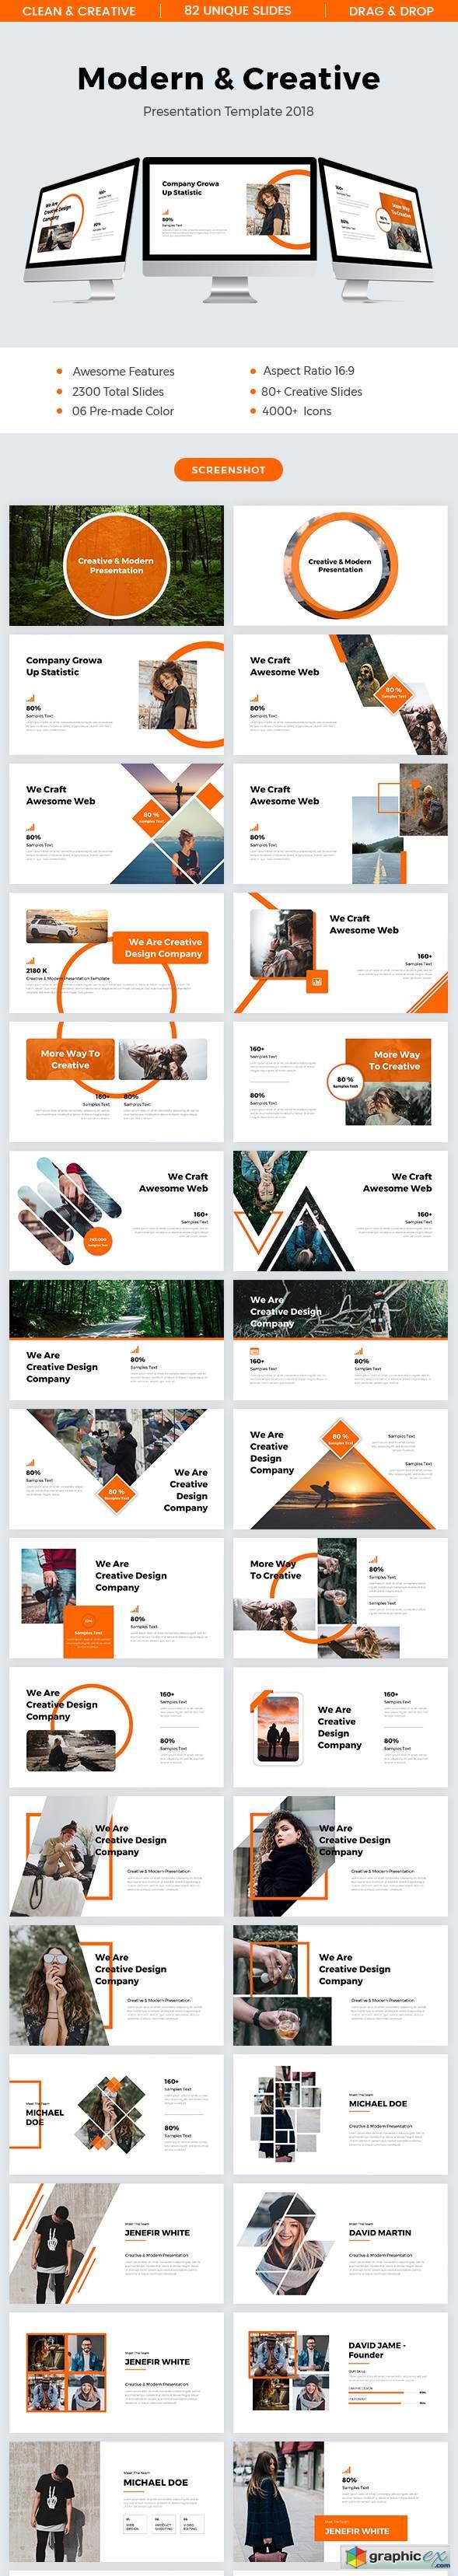 Modern & Creative Powerpoint Template 2018